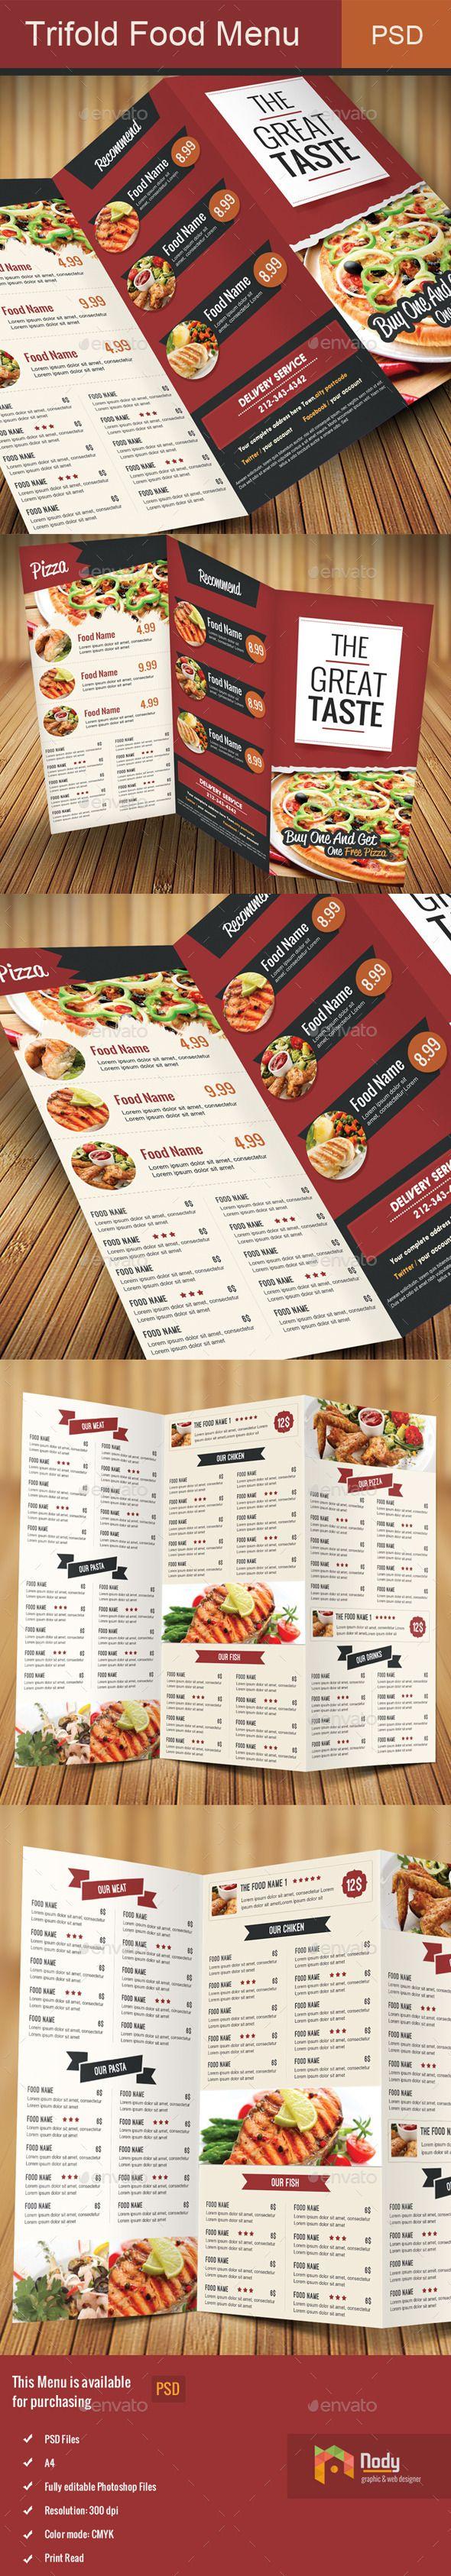 Best Menu Design Images On   Print Templates Flyer